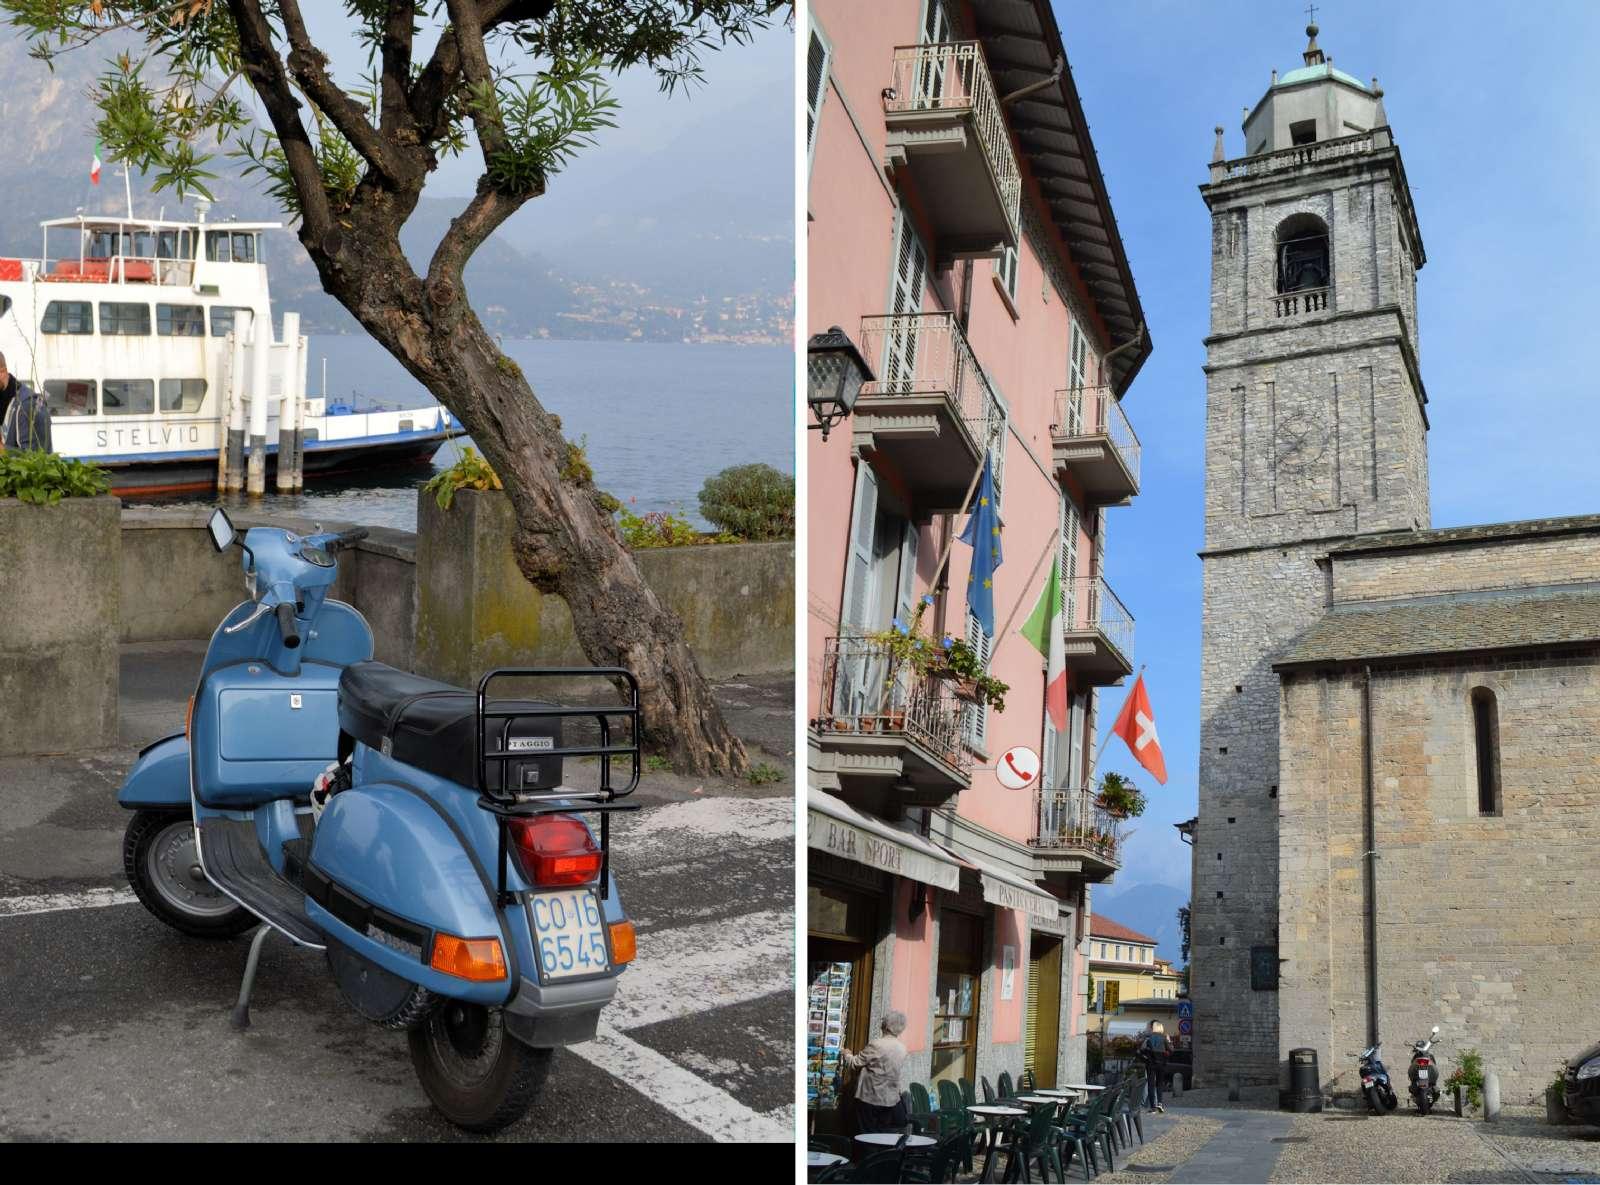 City life in Bellagio